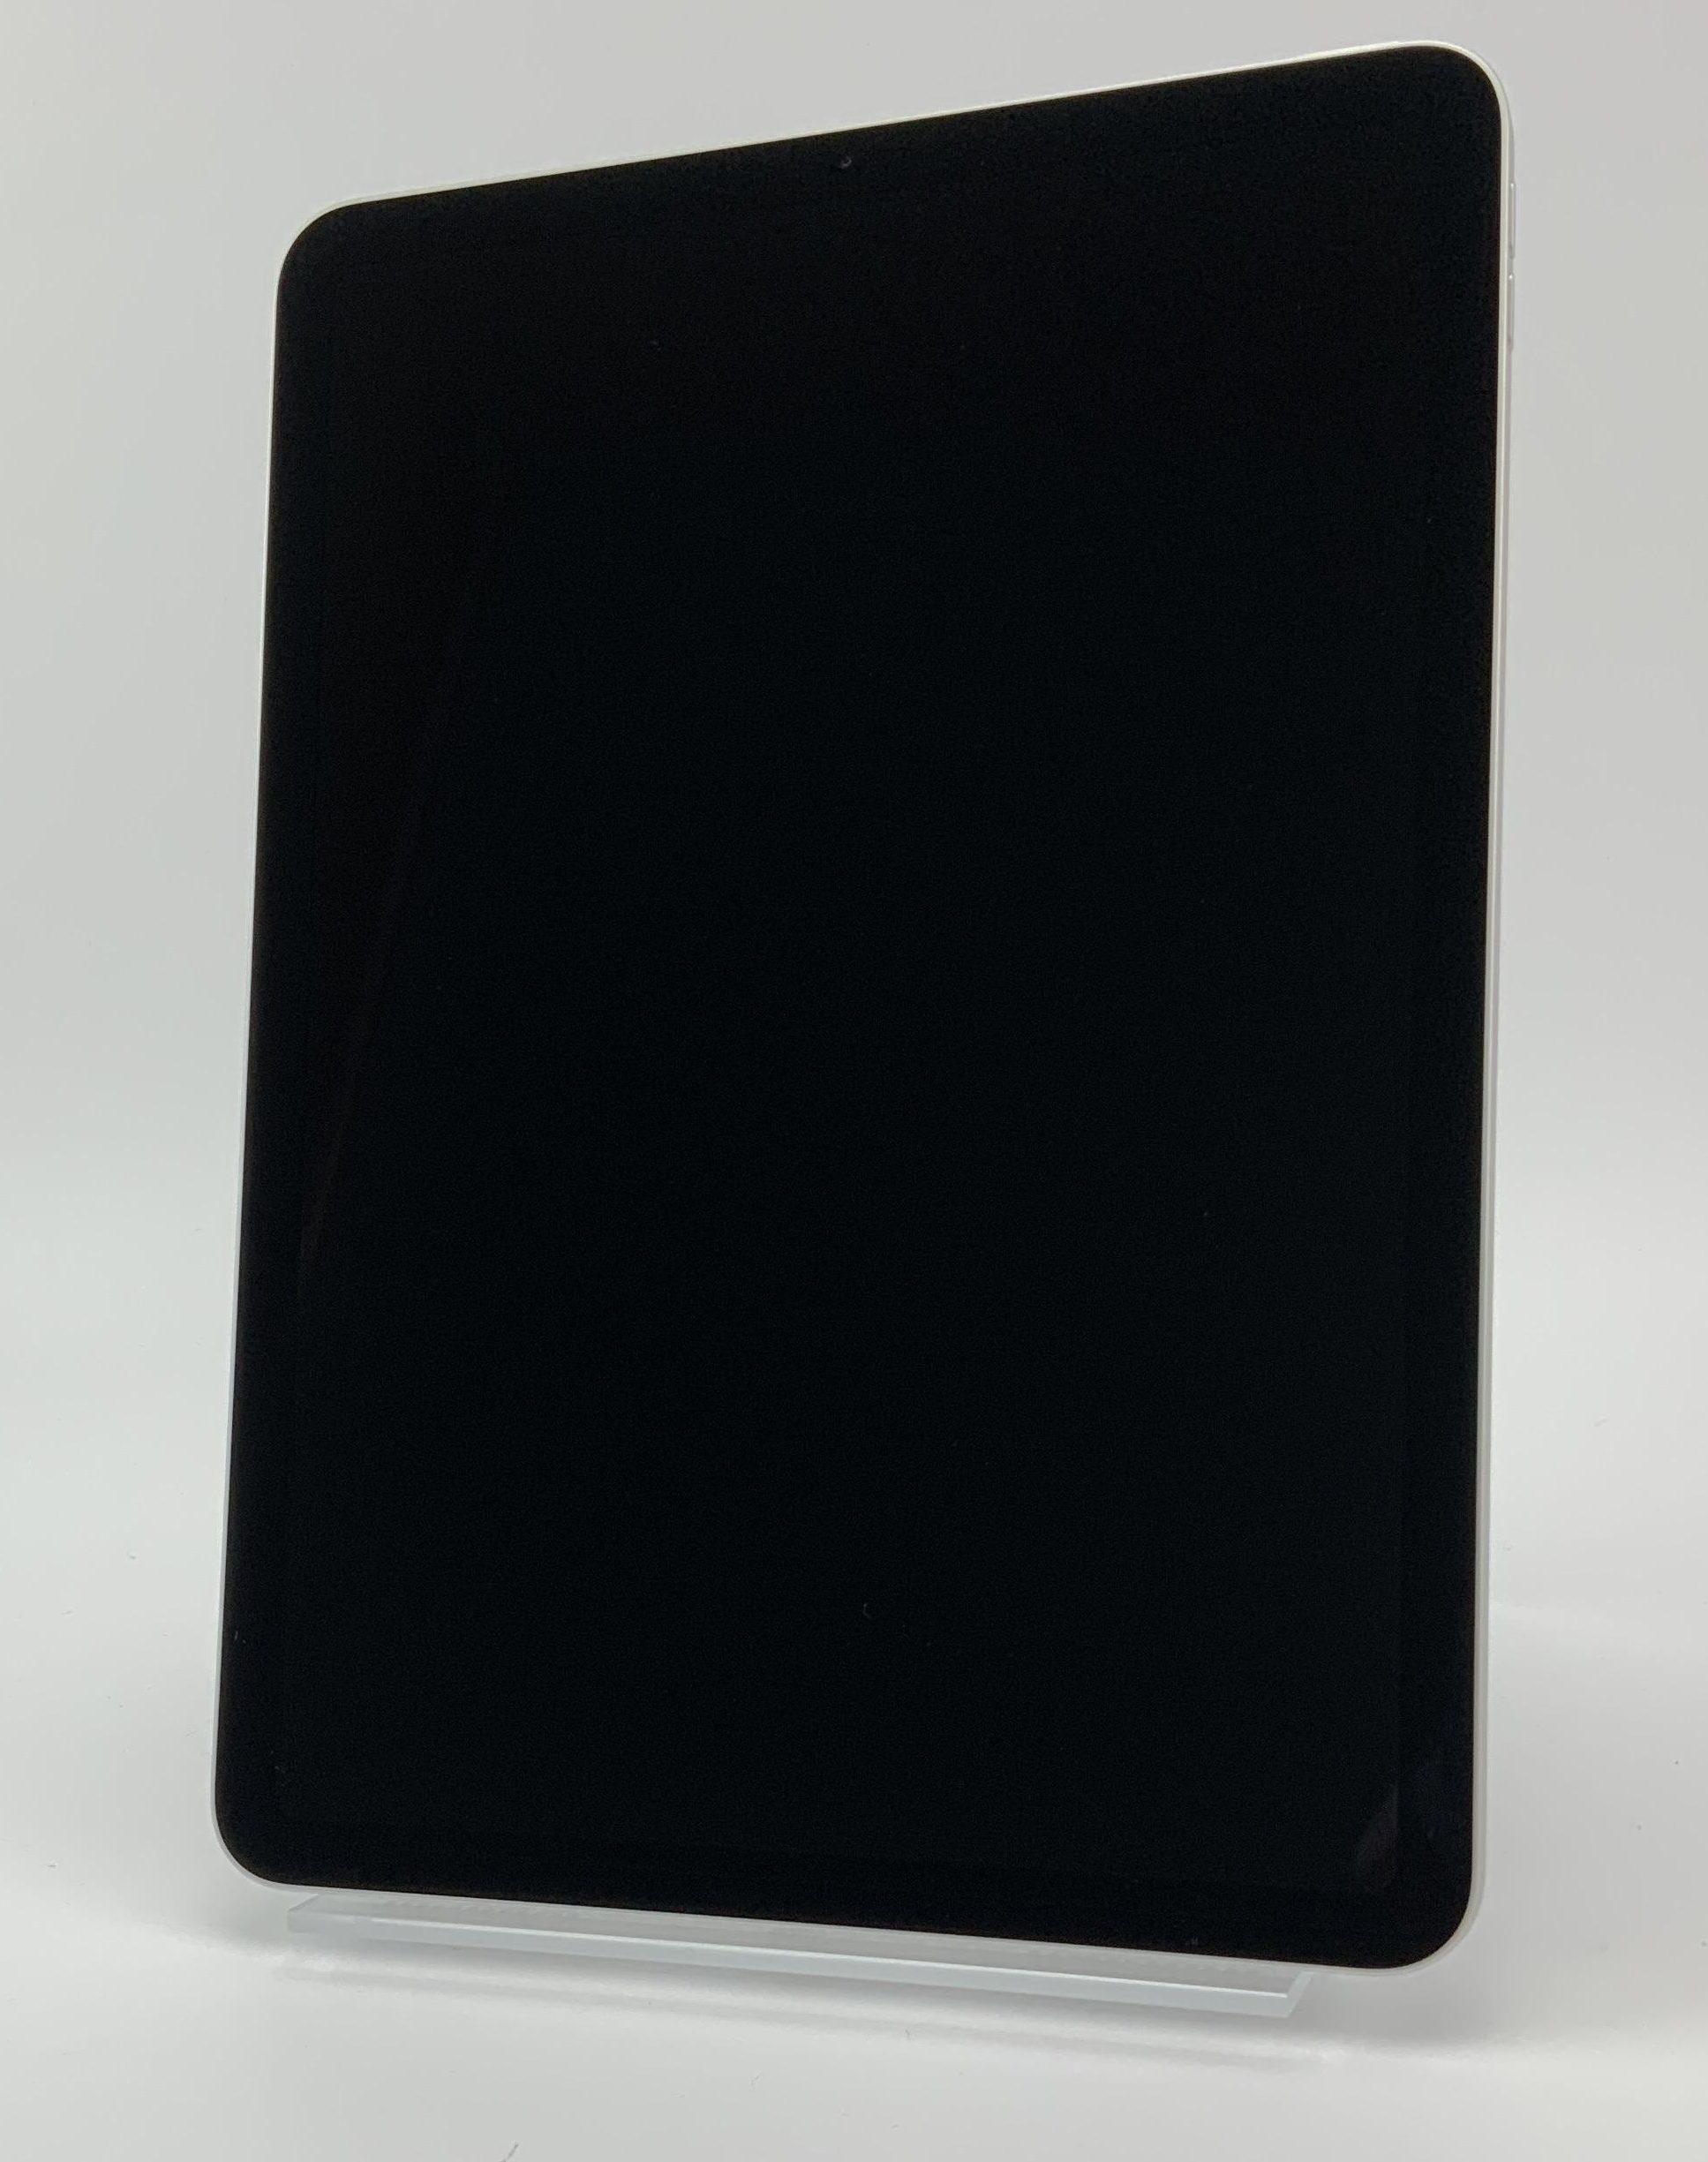 iPad Air 4 Wi-Fi 256GB, 256GB, Silver, obraz 1